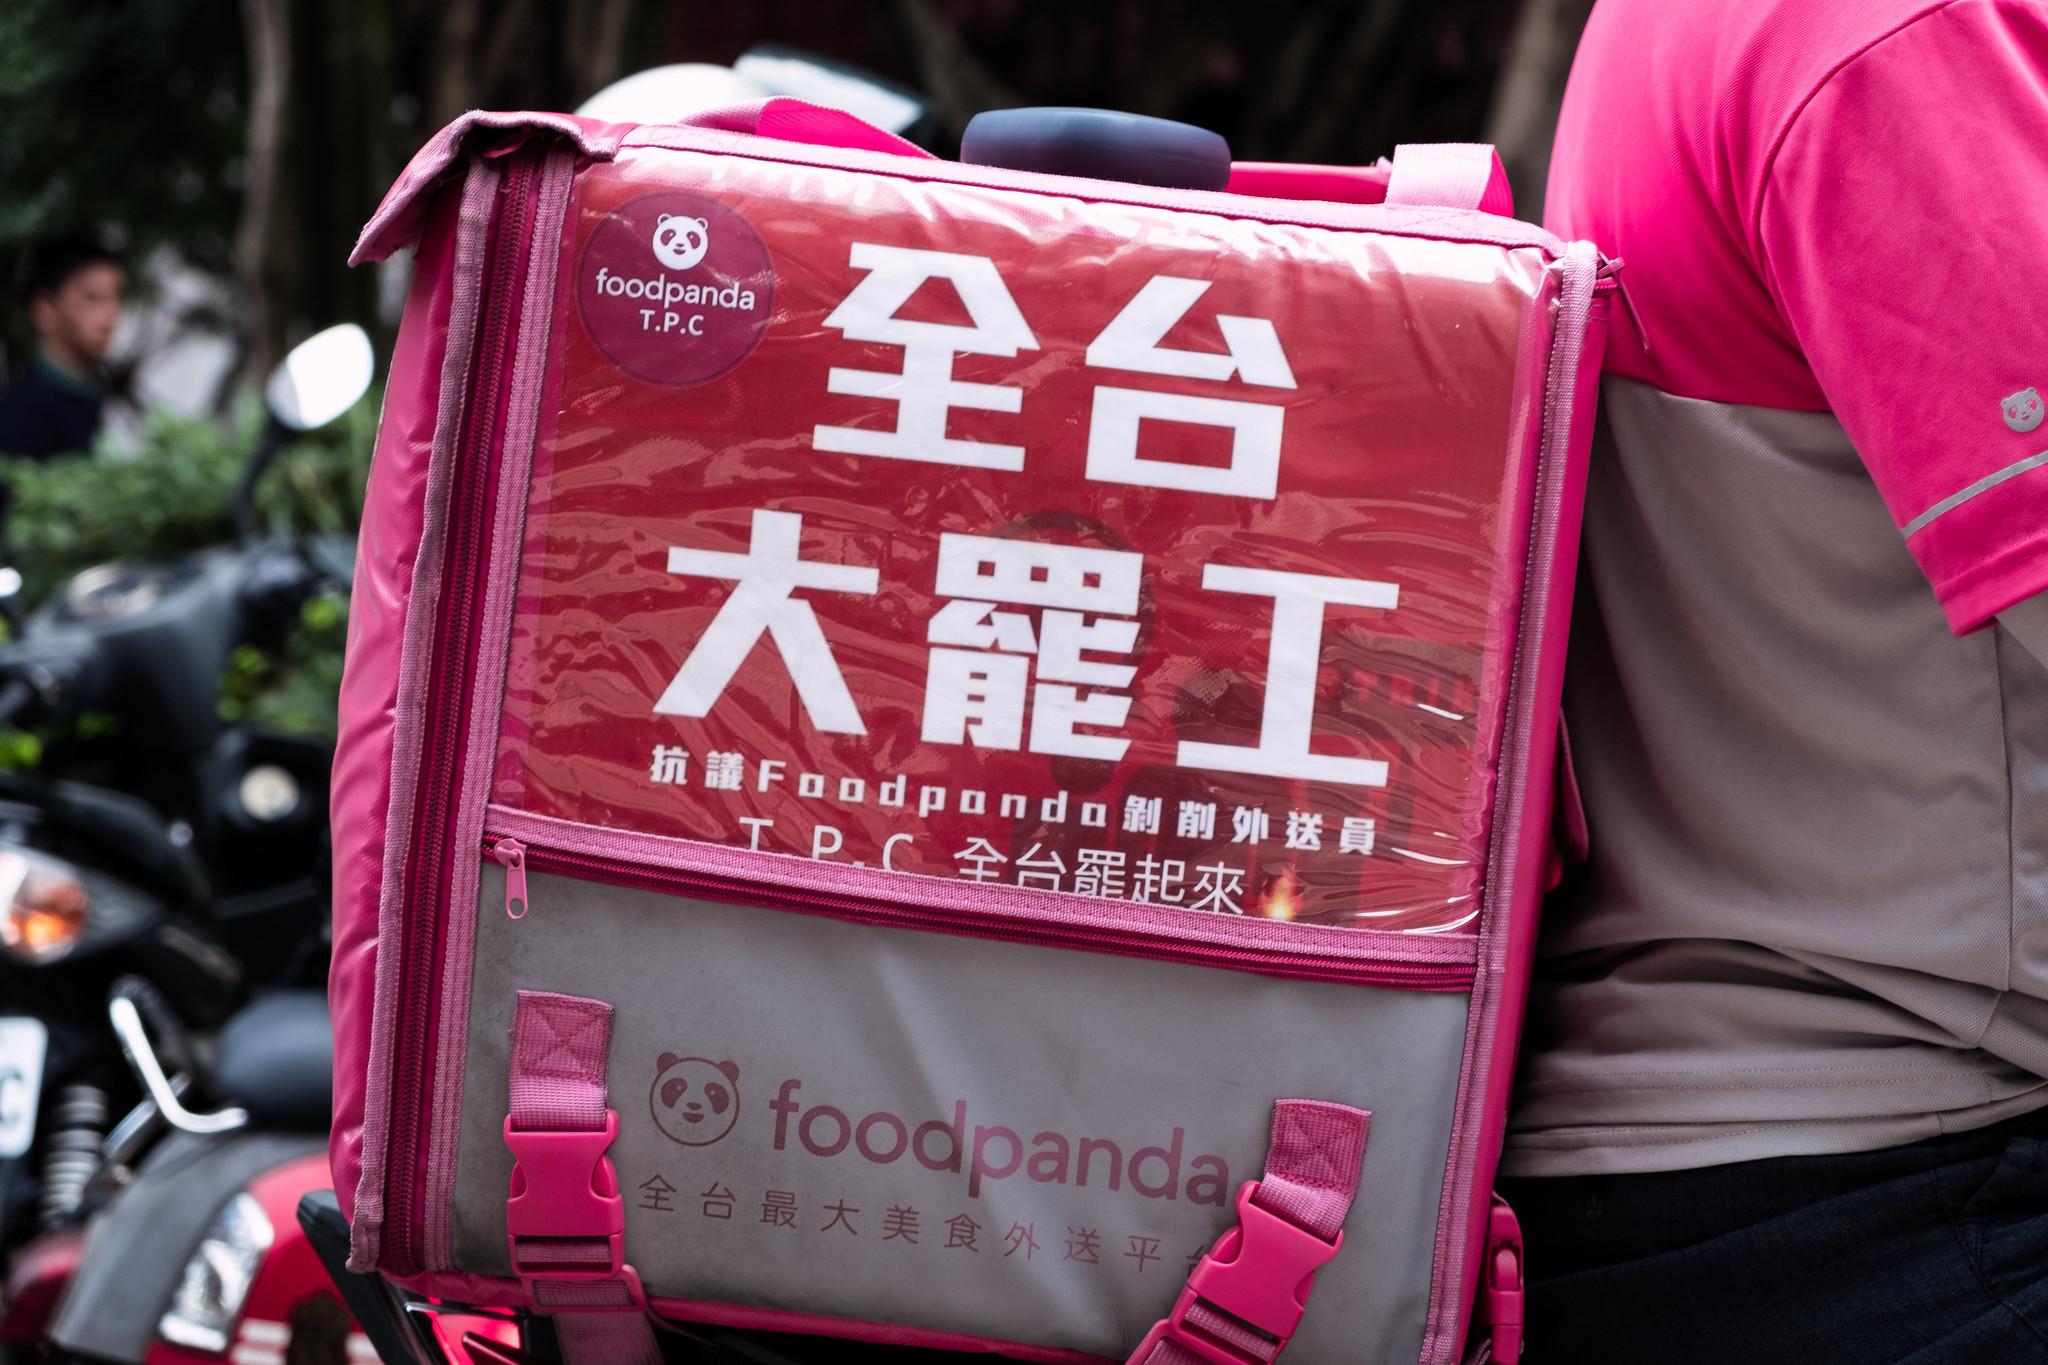 今日參與行動的外送員們也呼籲所有外送員準備「全台大罷工」。(攝影:唐佐欣)